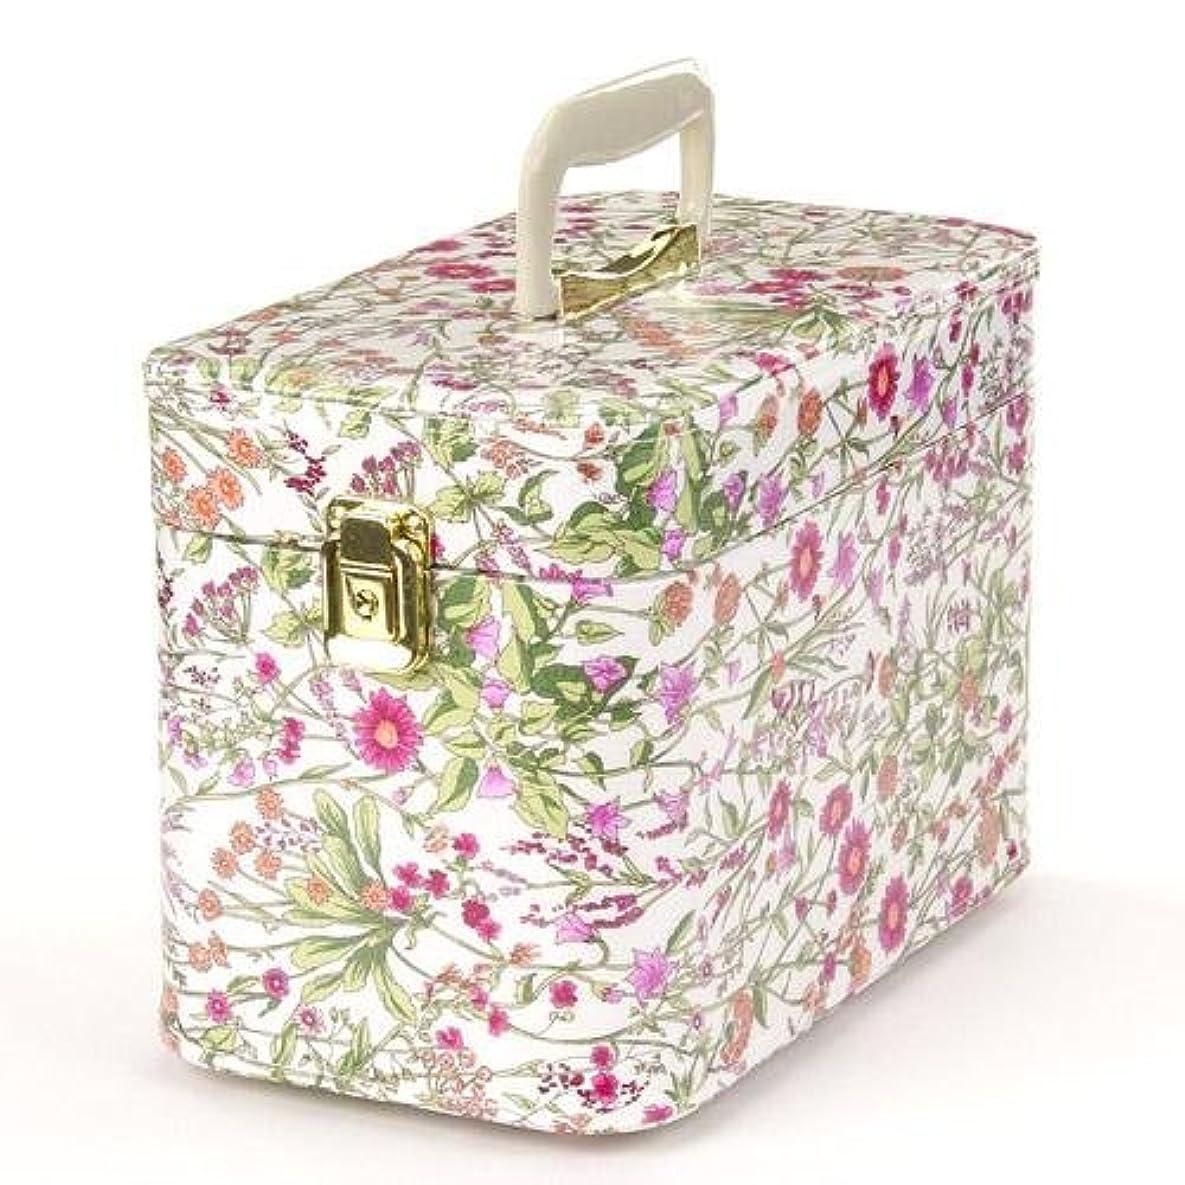 繕うに変わるボルト日本製 メイクボックス (コスメボックス)ハーブガーデン 30cm ピンク トレンケース(鍵付き/コスメボックス)